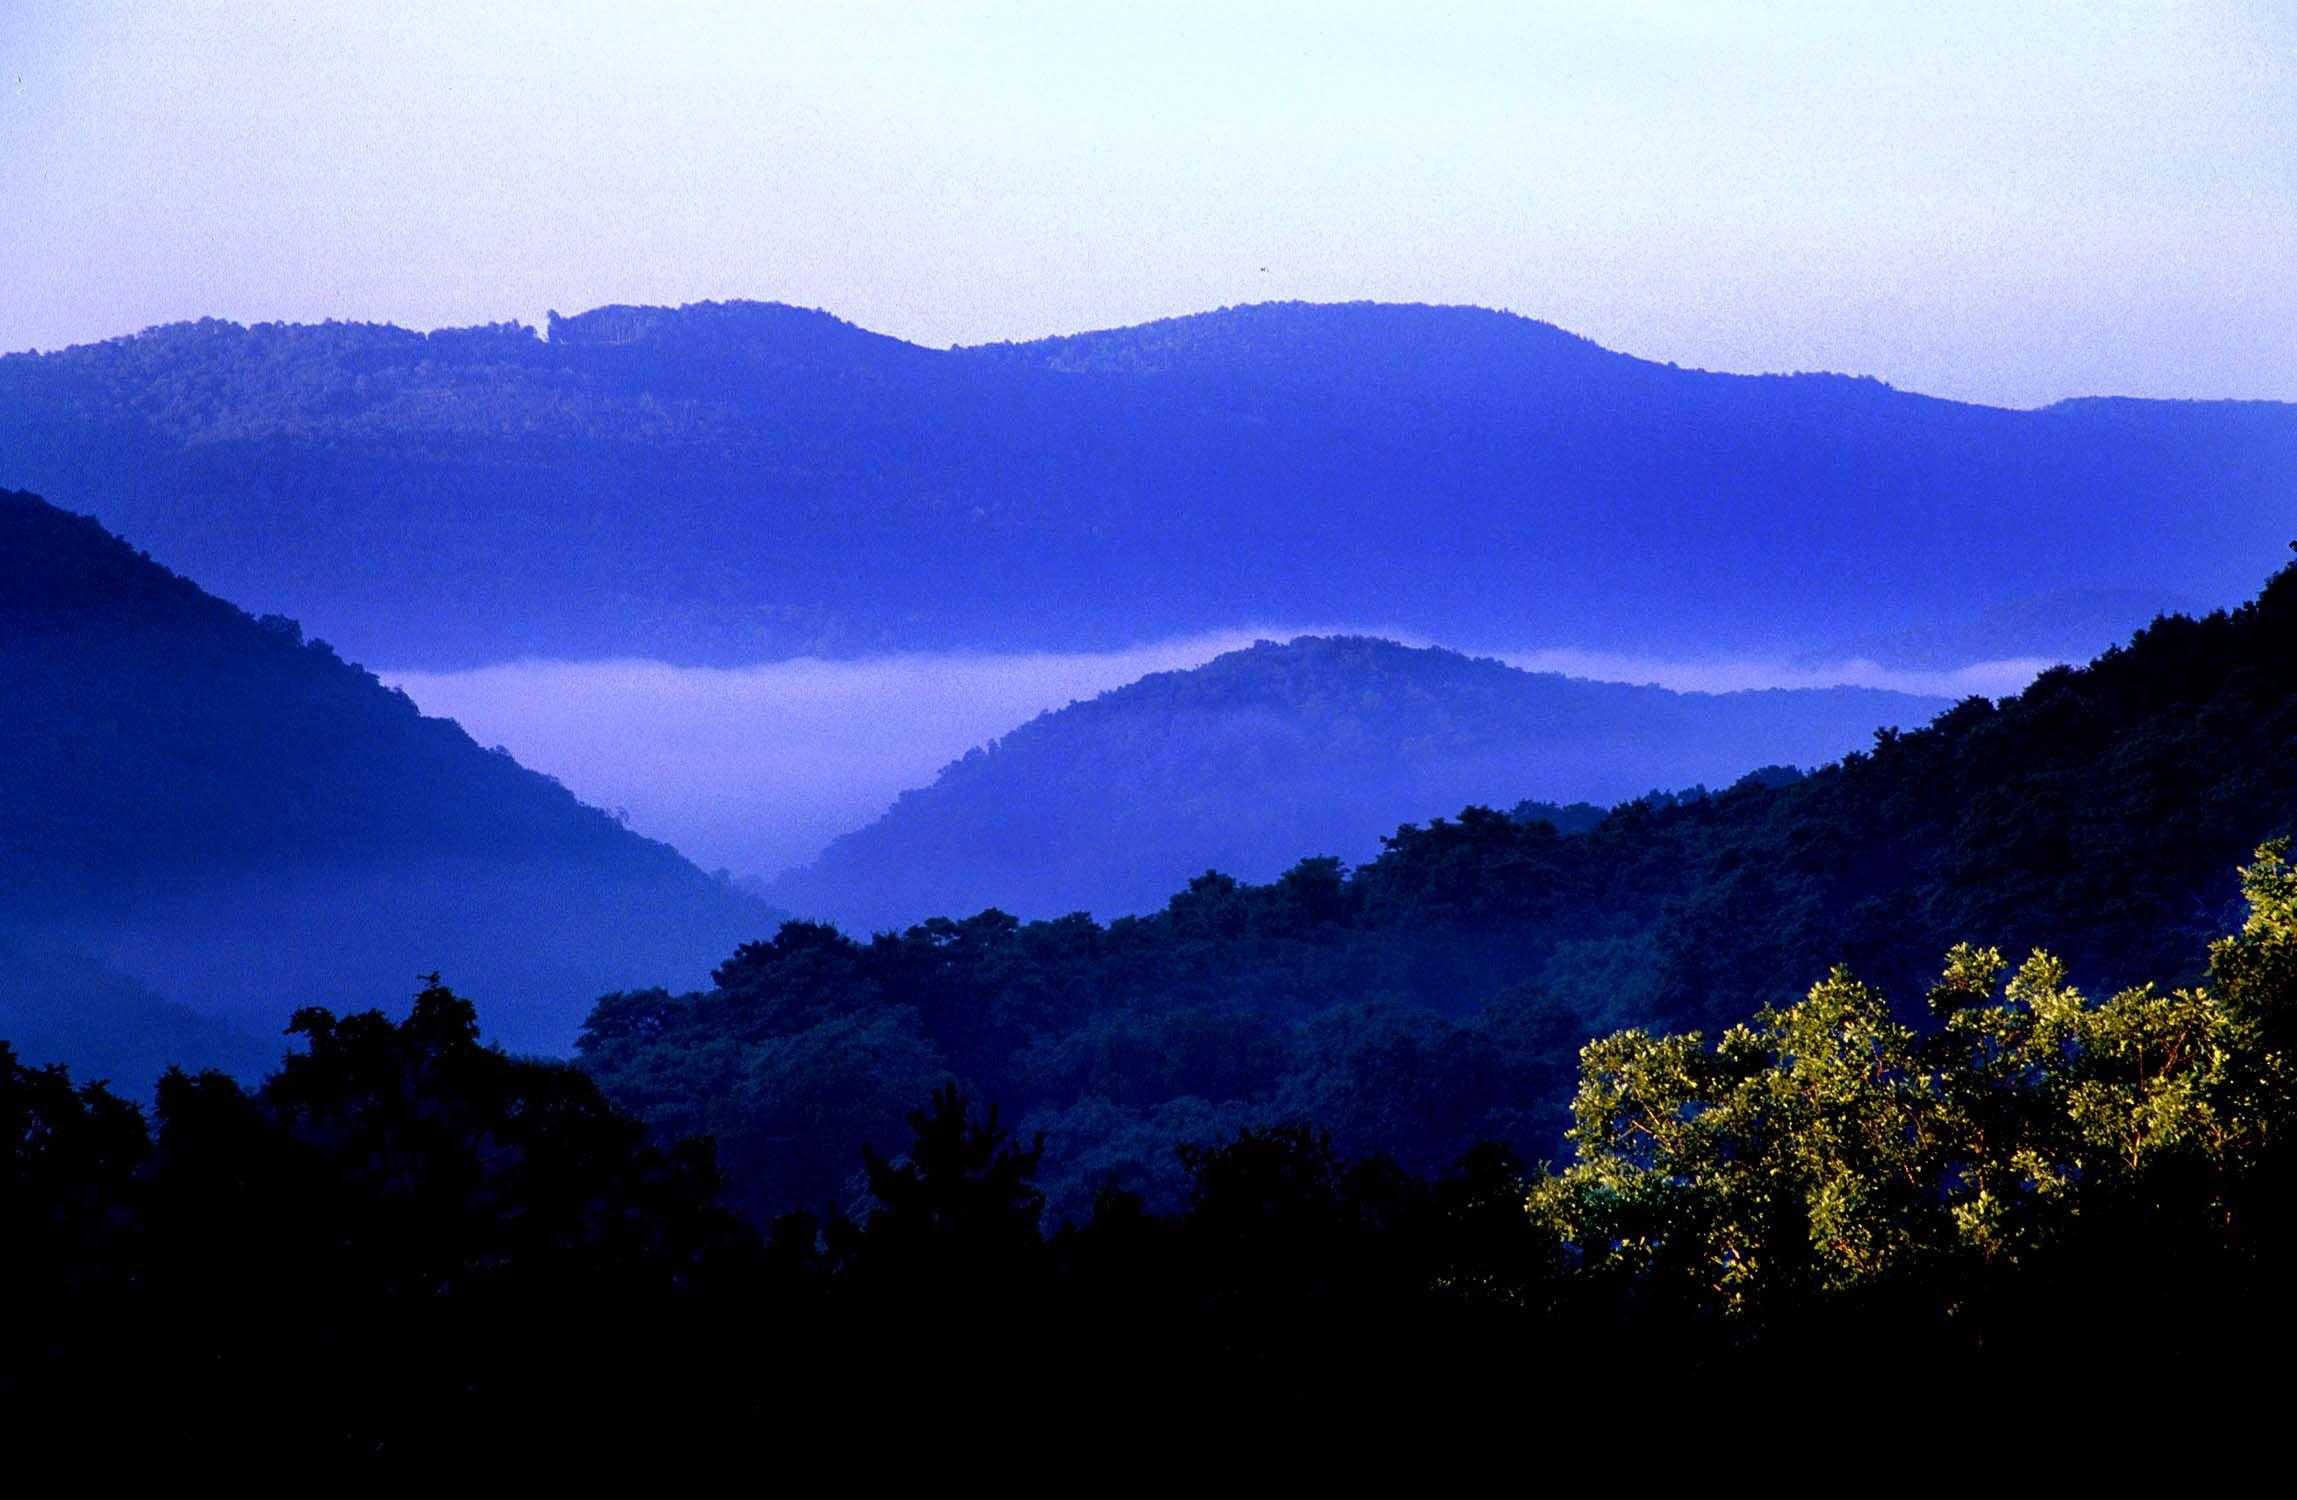 Virginia Mountains Wallpaper